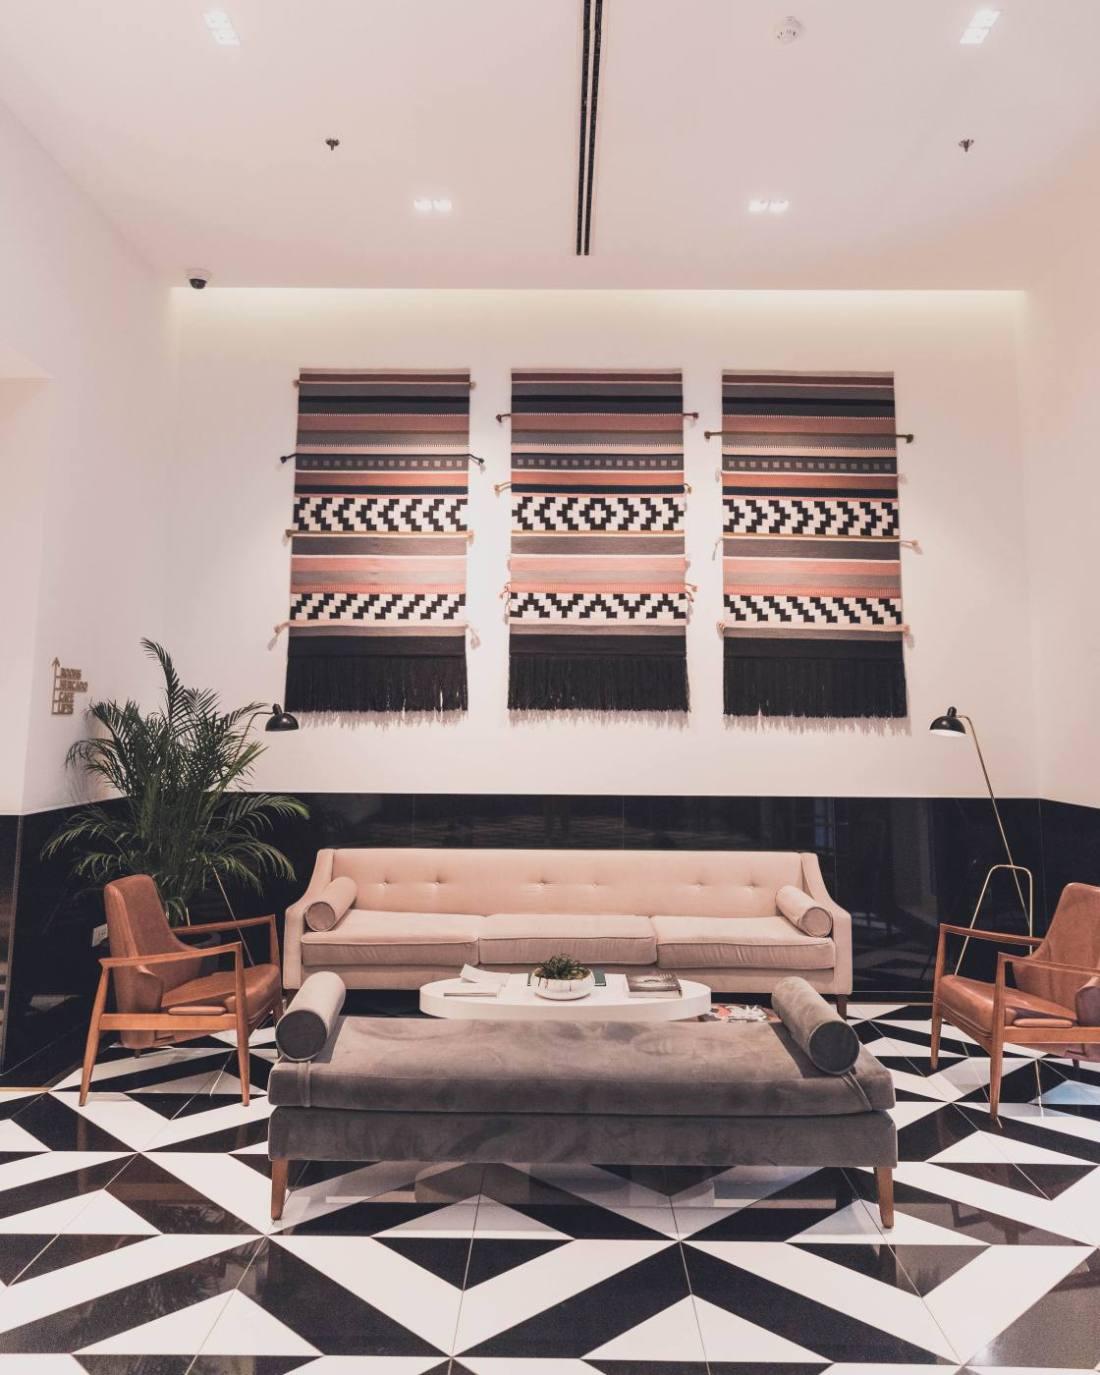 where to stay in bairro alto